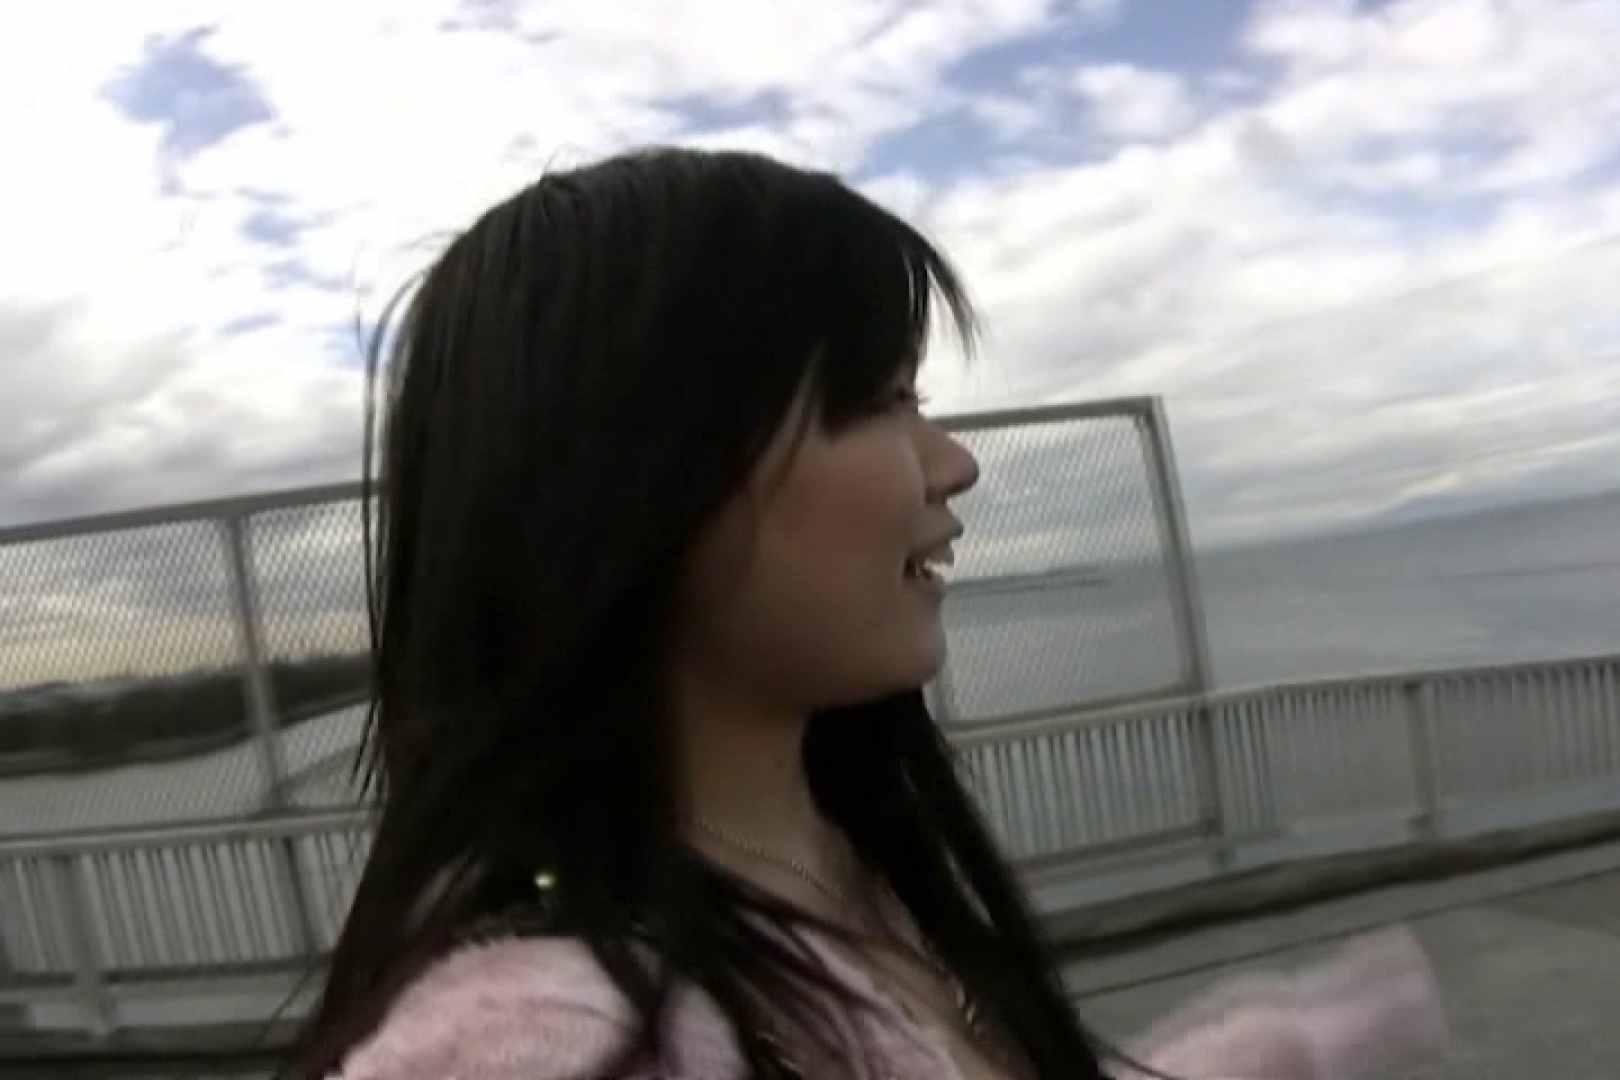 素人嬢がAV面接にやって来た。 仮名ゆみvol.2 素人のぞき エロ無料画像 86pic 51